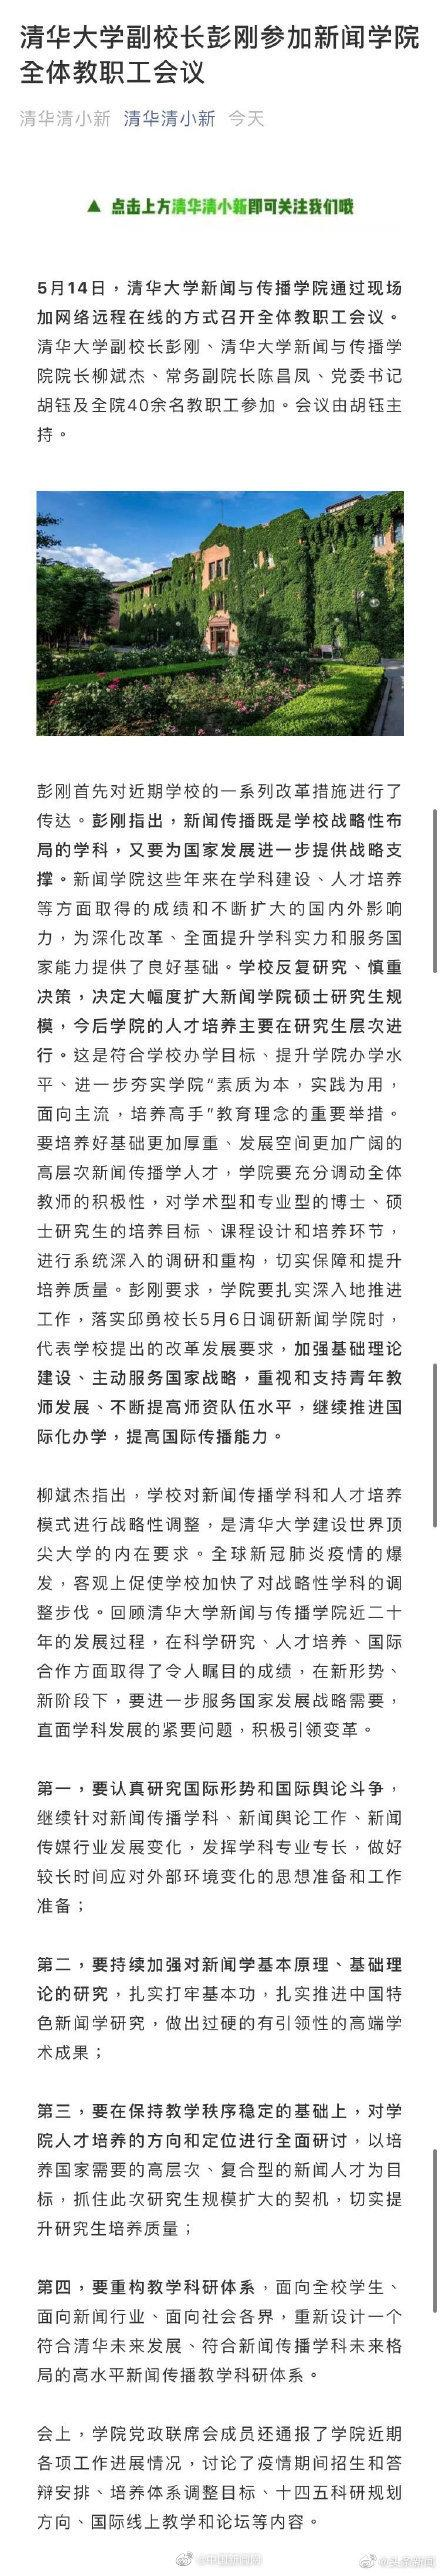 清华新传取消本科是真的吗?清华新传取消本科最新官方详情